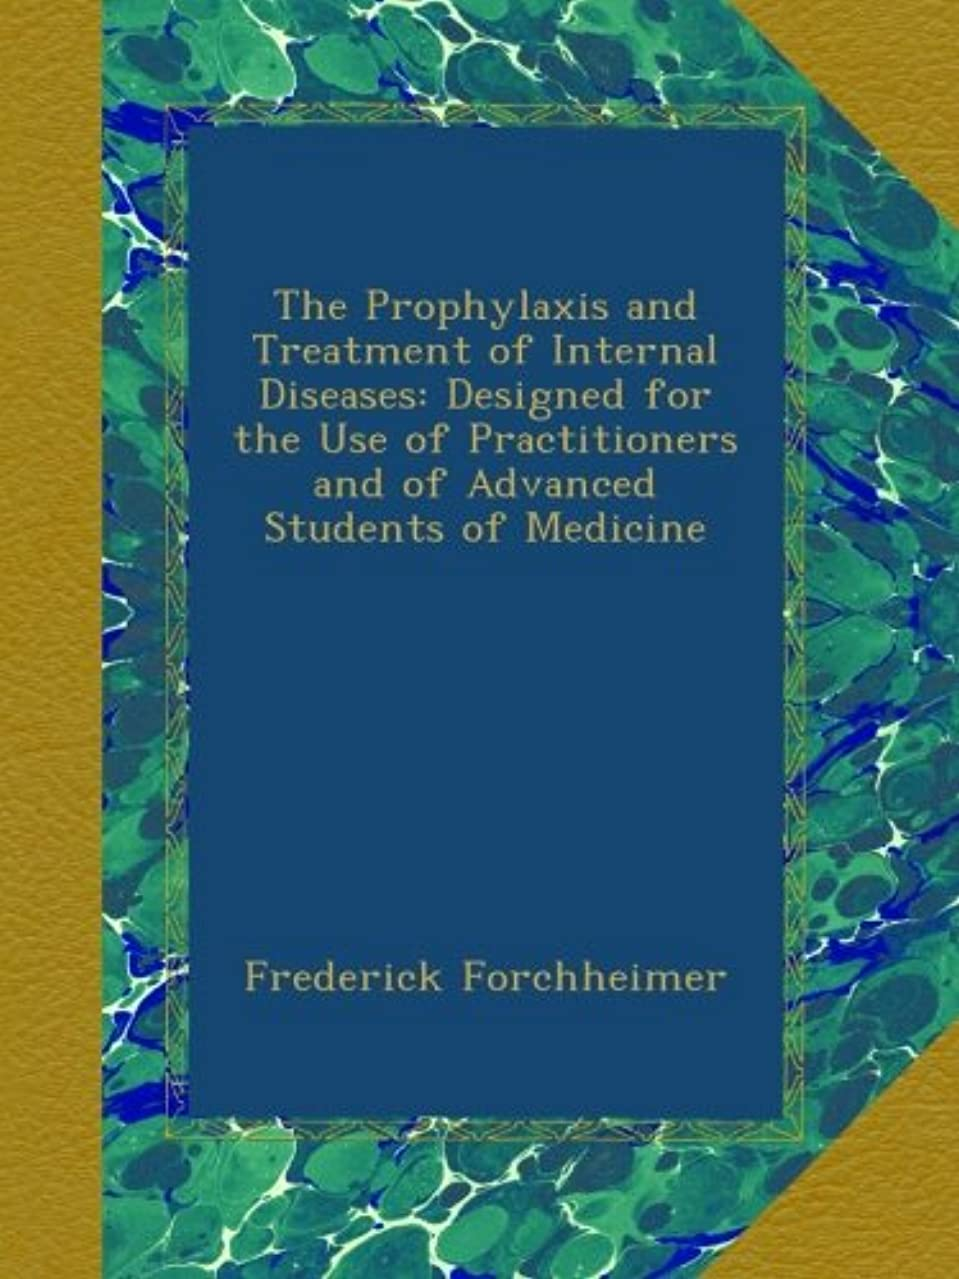 政治家の契約電話するThe Prophylaxis and Treatment of Internal Diseases: Designed for the Use of Practitioners and of Advanced Students of Medicine